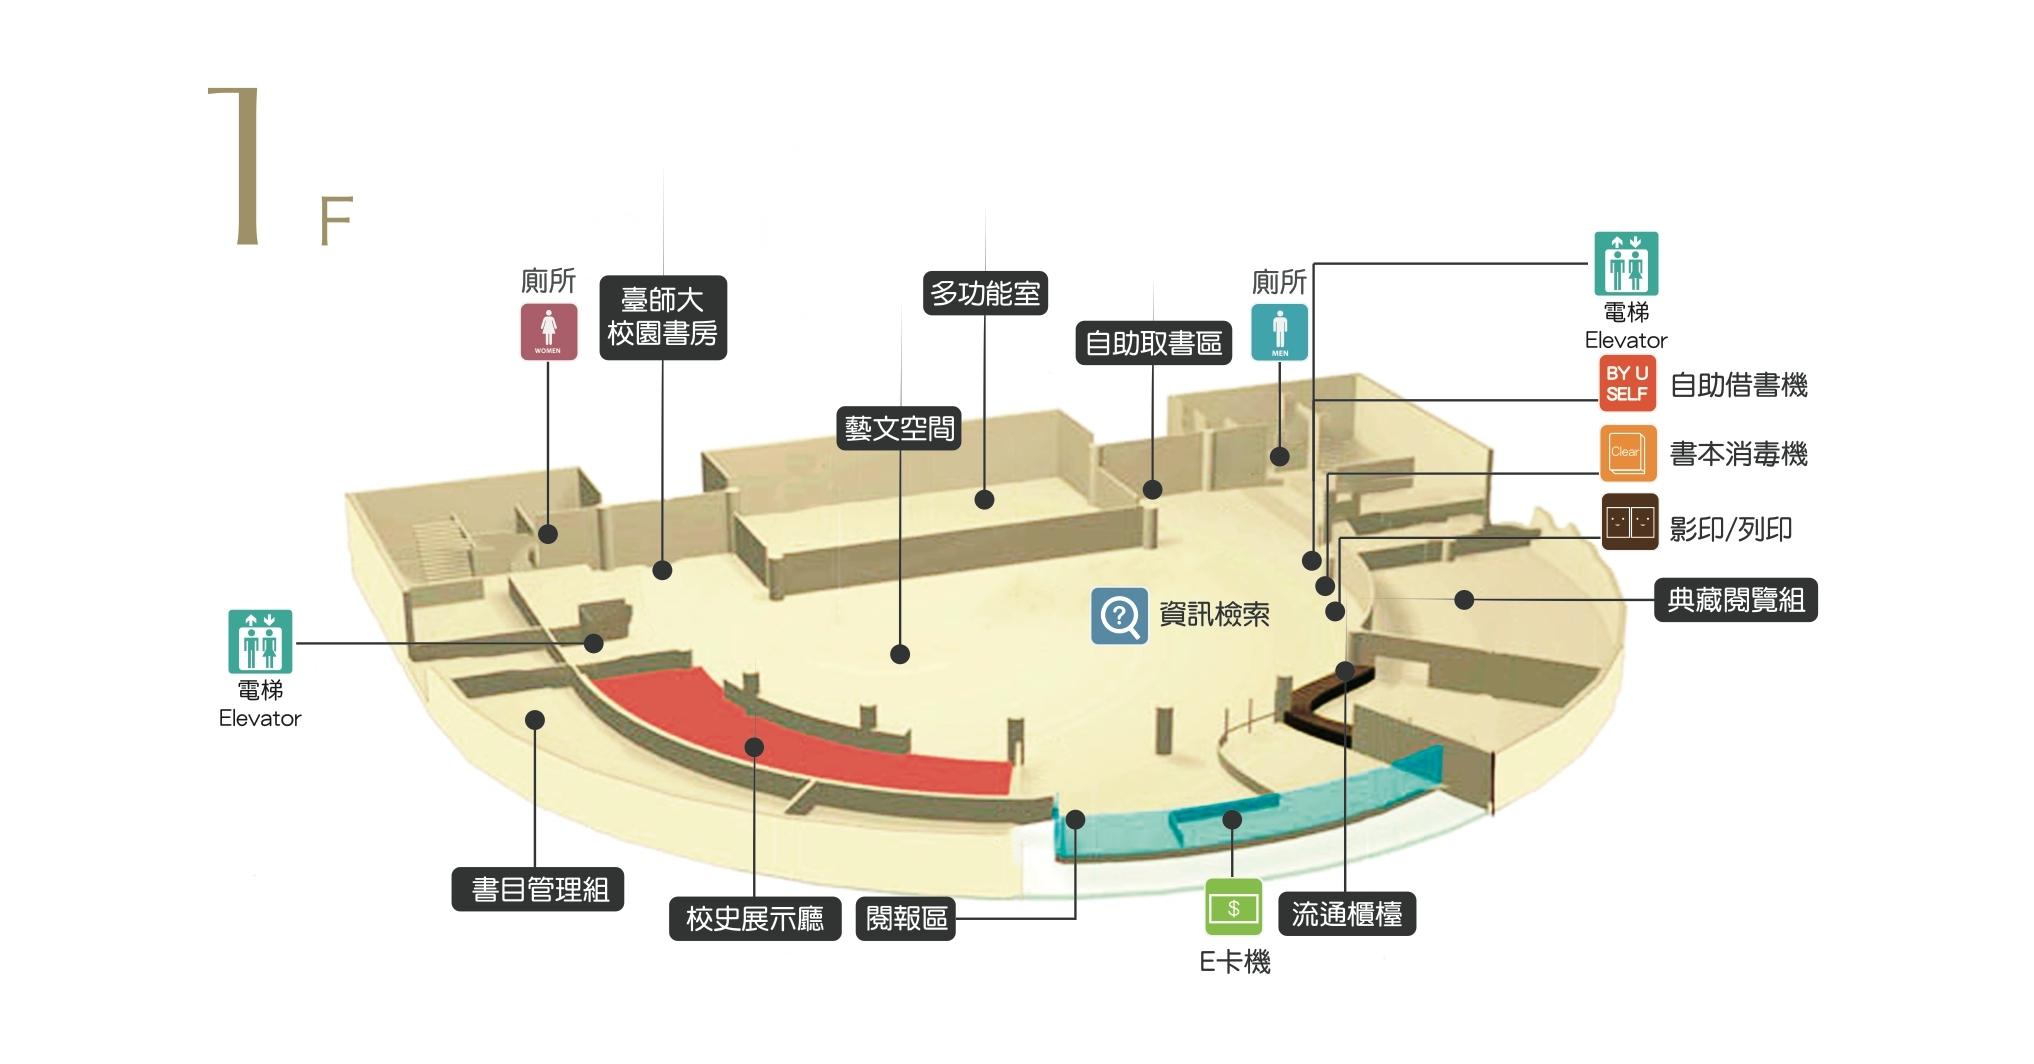 楼层配置 国立台湾师范大学图书馆